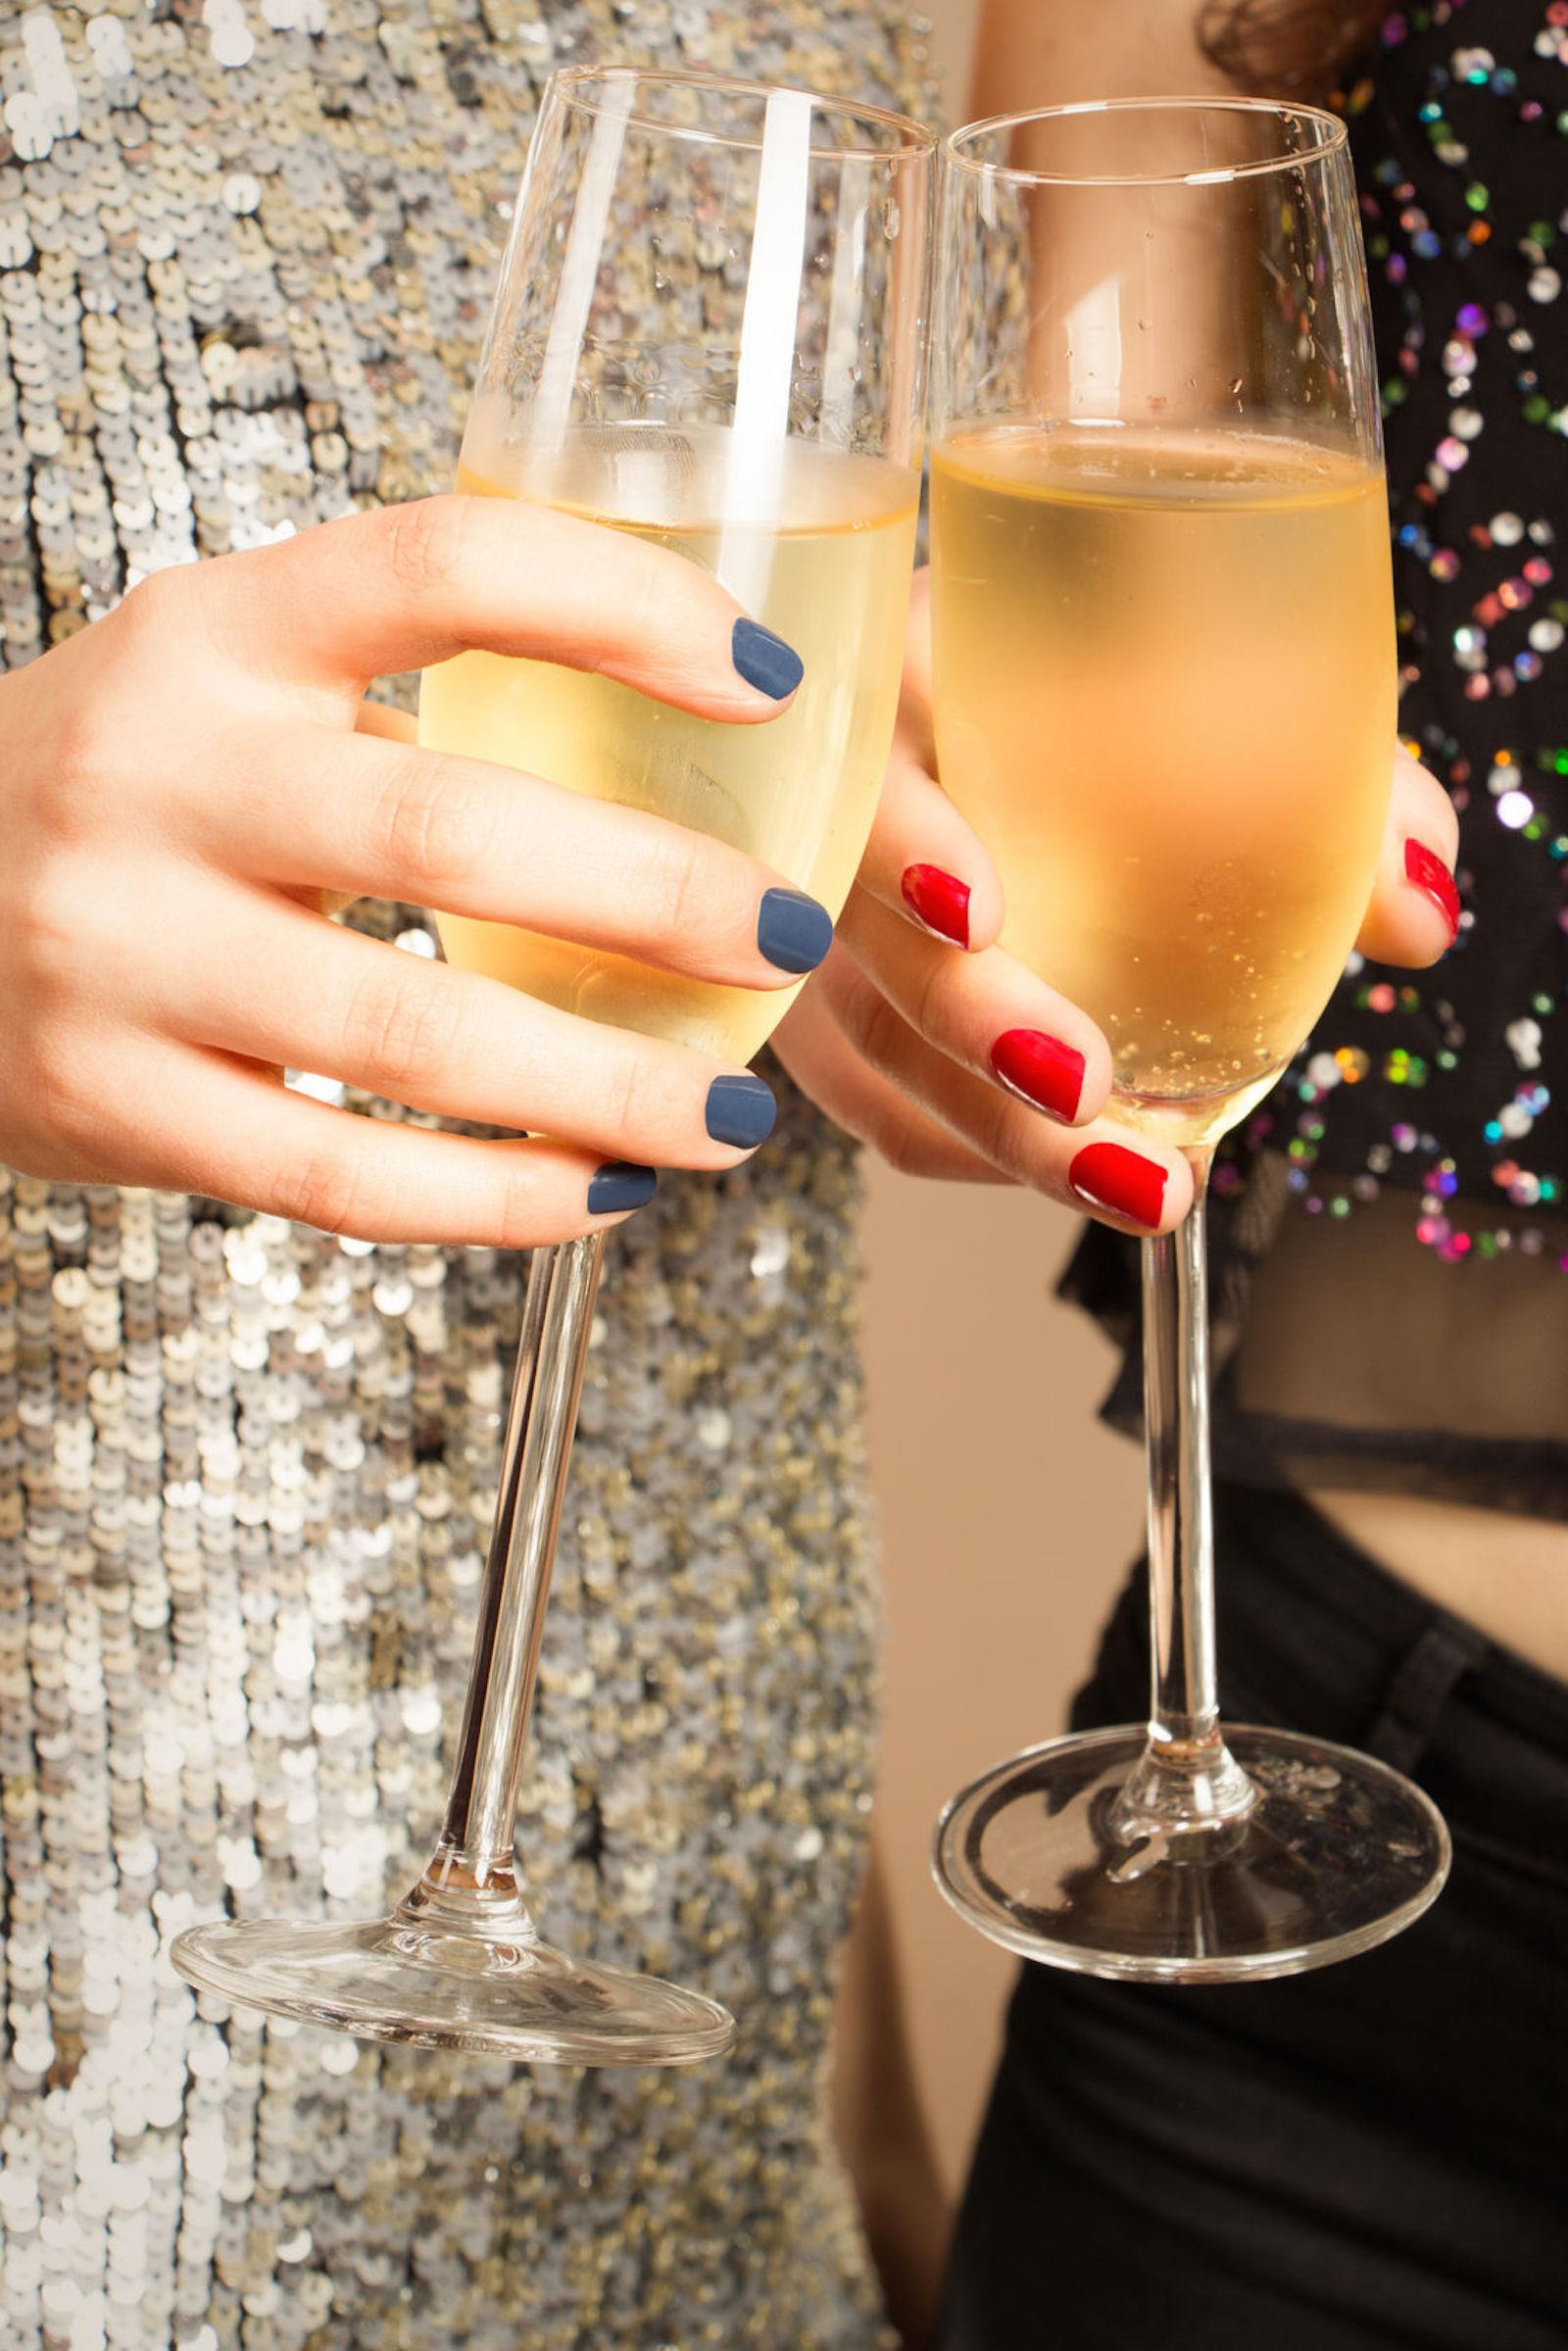 glowology_Champagne_Nails